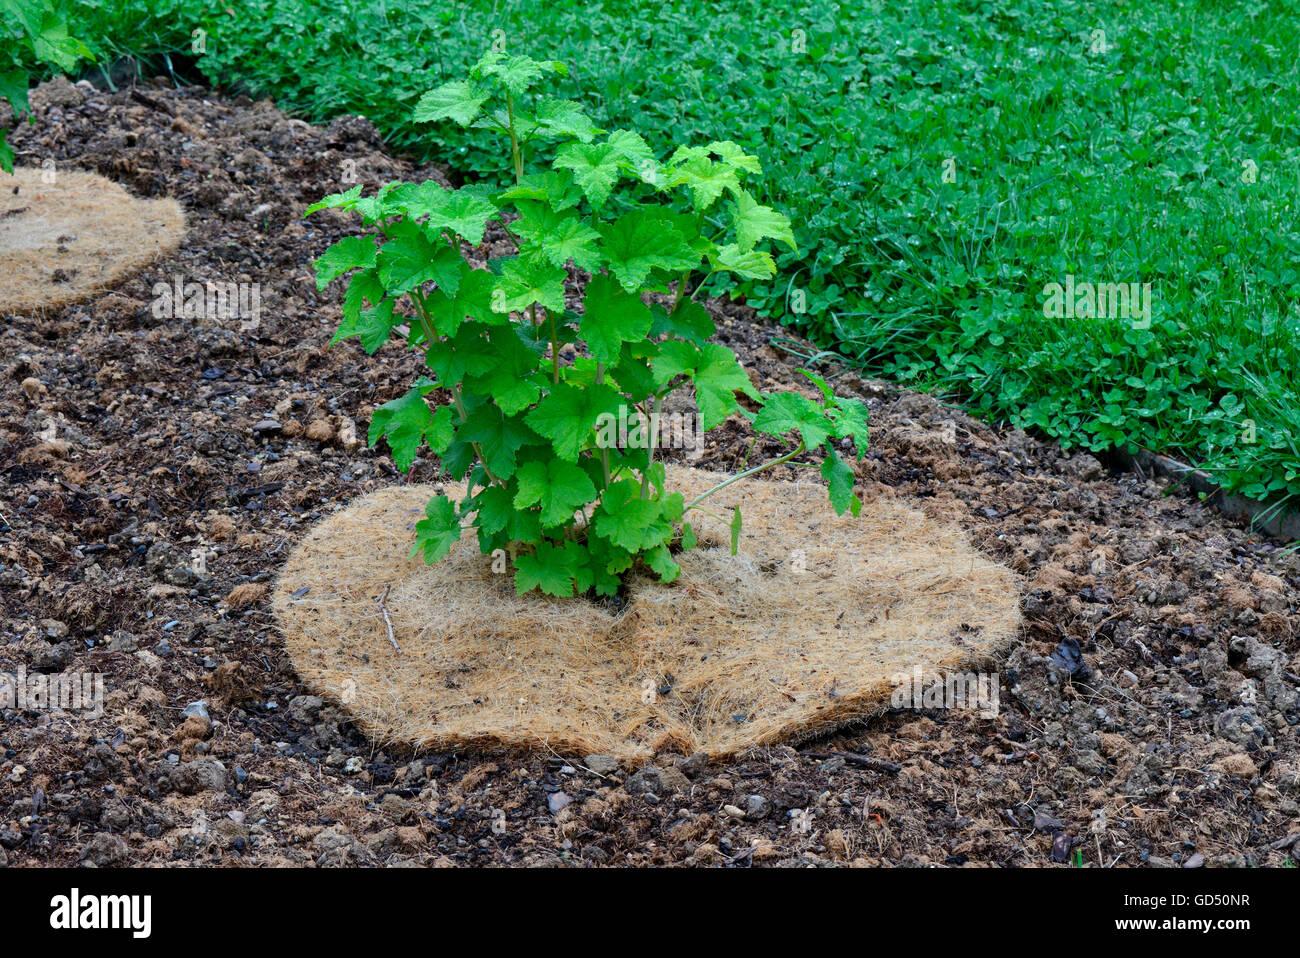 Rote Johannisbeere, Jungpflanze mit Abdeckung, Schutz vor Austrocknung, Sorte Fays Fruchtbare, Fays Prolific, Fays - Stock Image